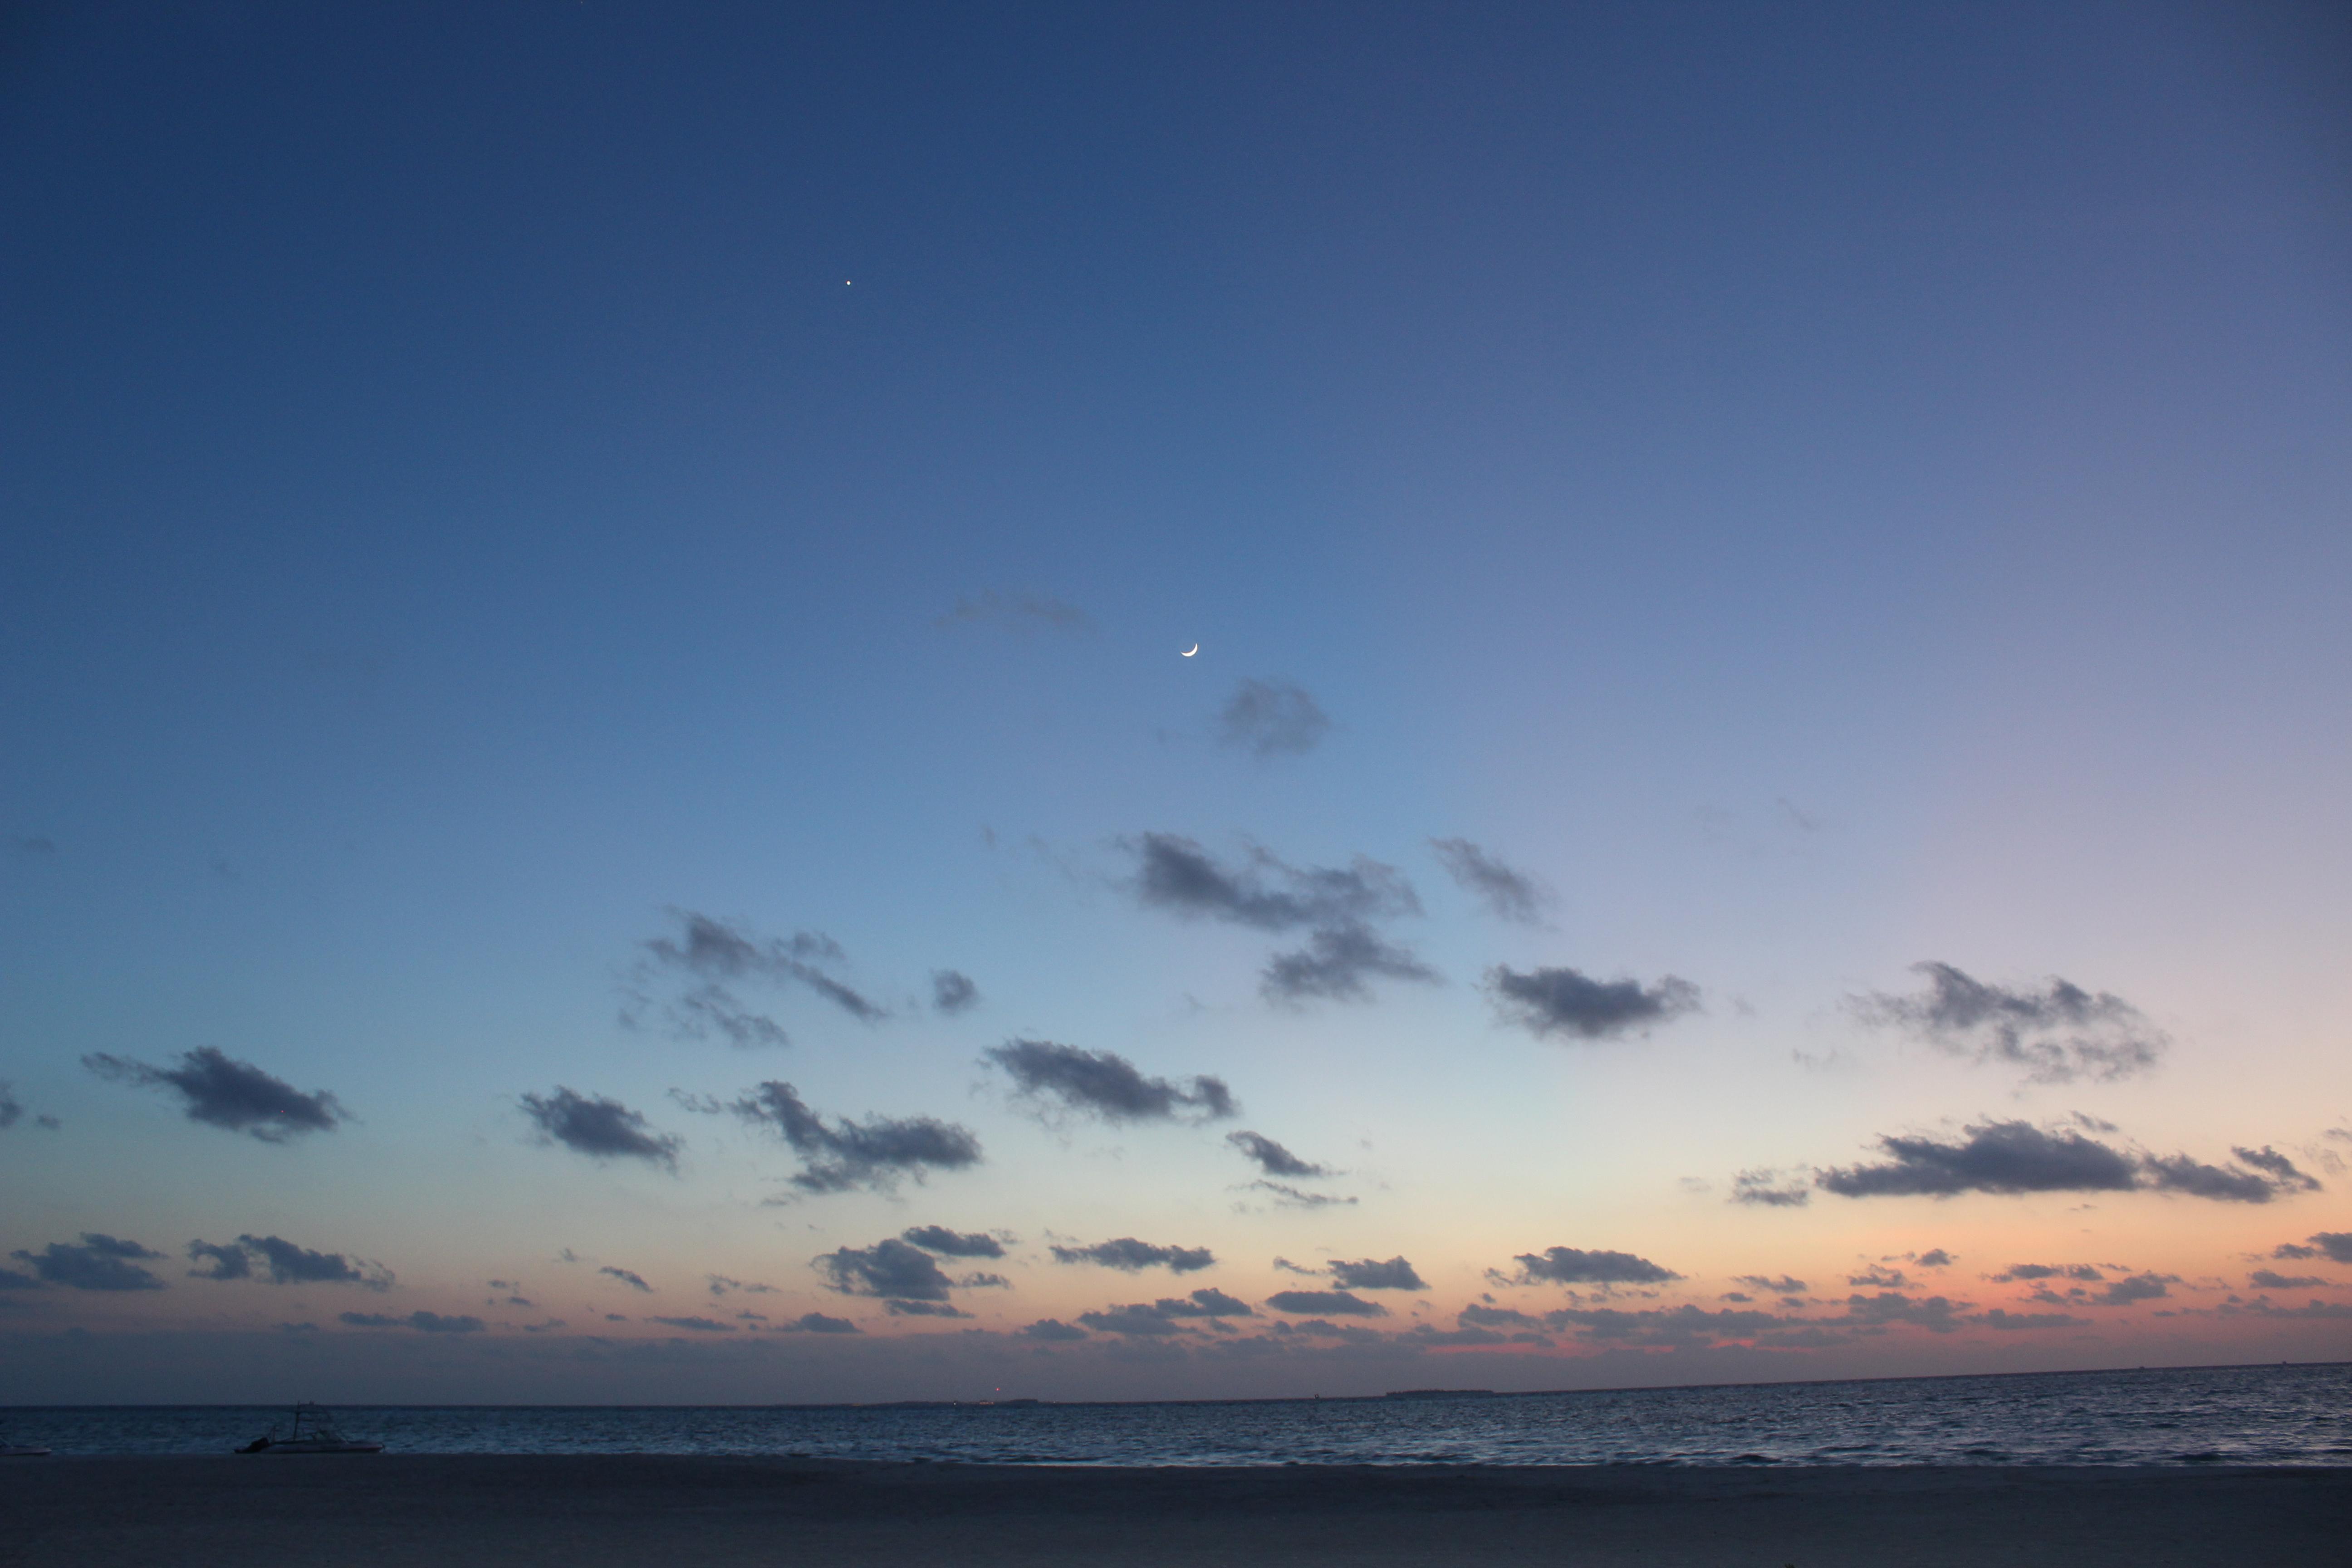 晚霞,月亮和星星